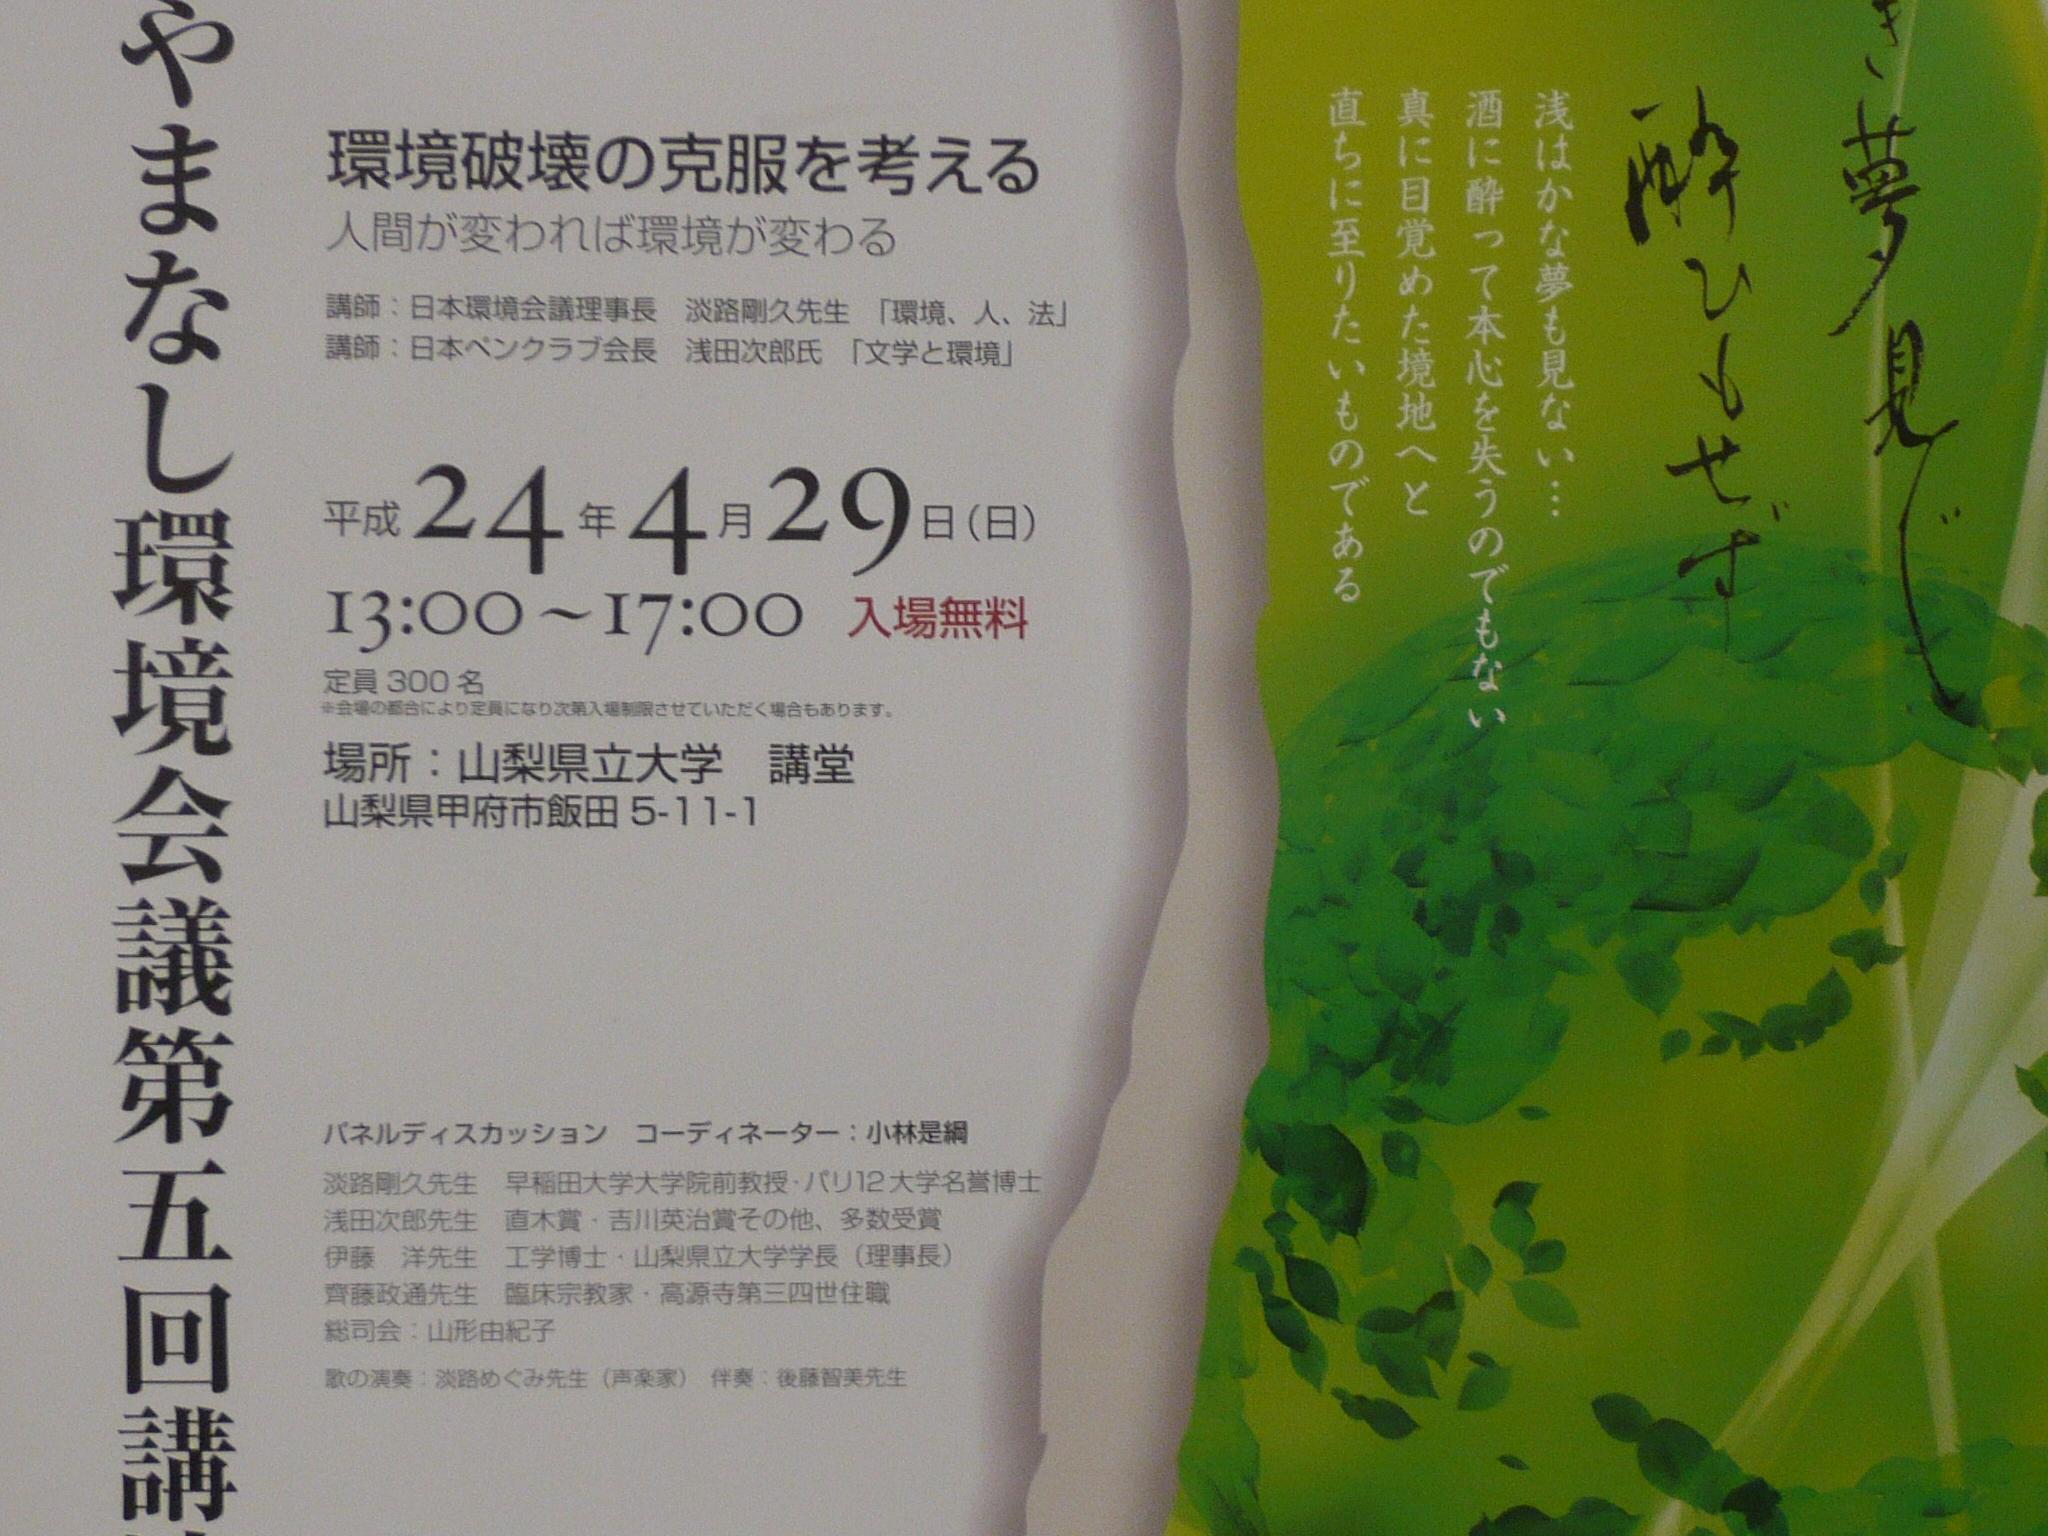 2012/04/29 「やまなし環境会議」講演会